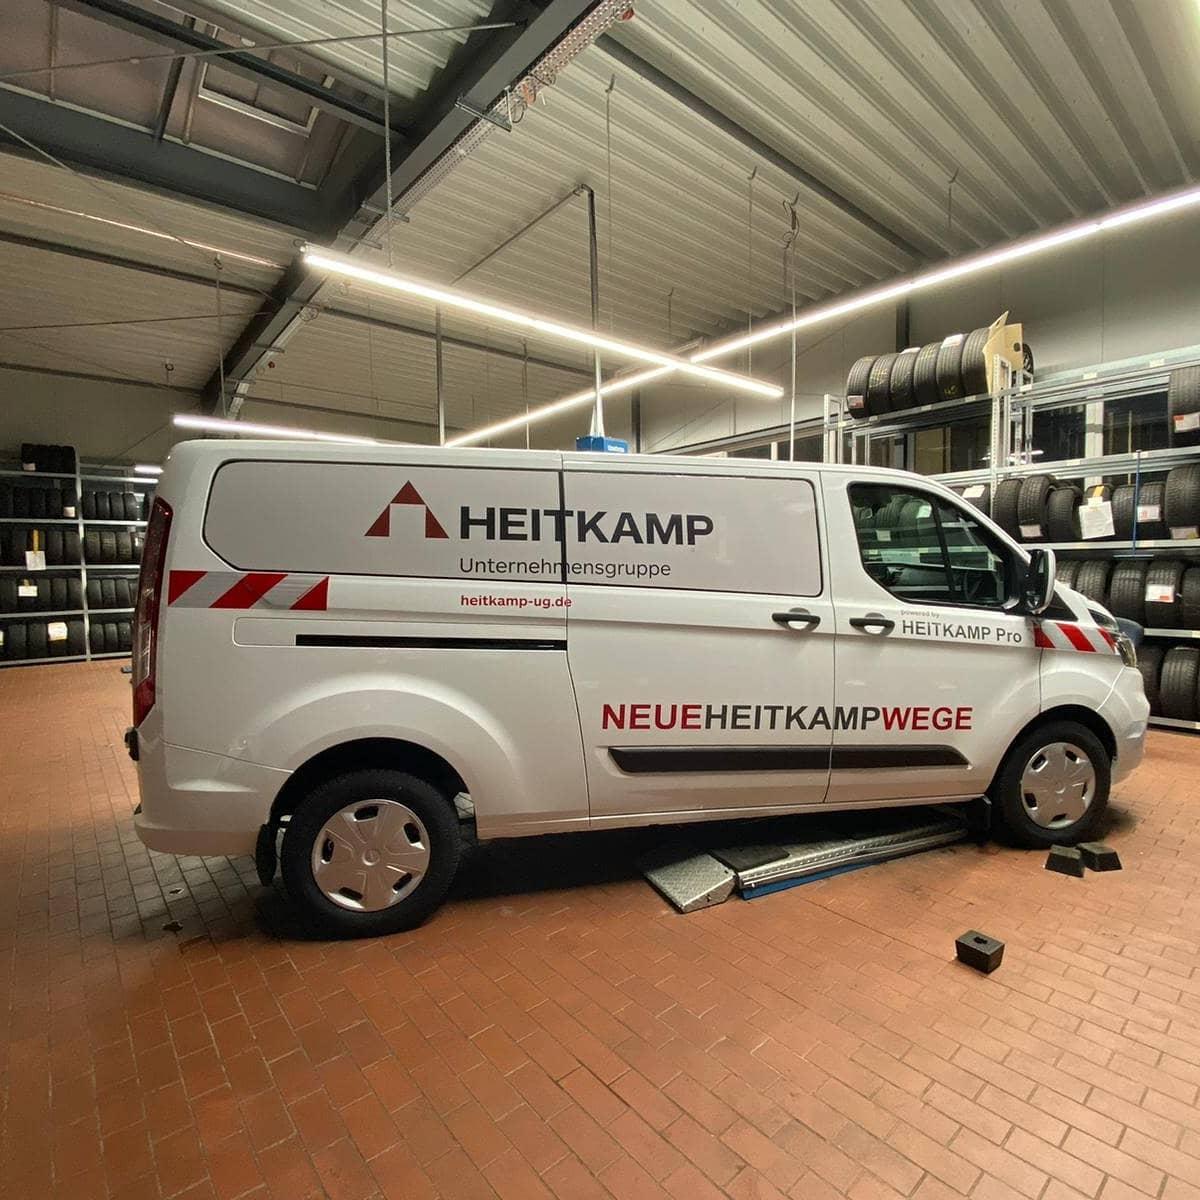 Heitkamp Unternehmensgruppe